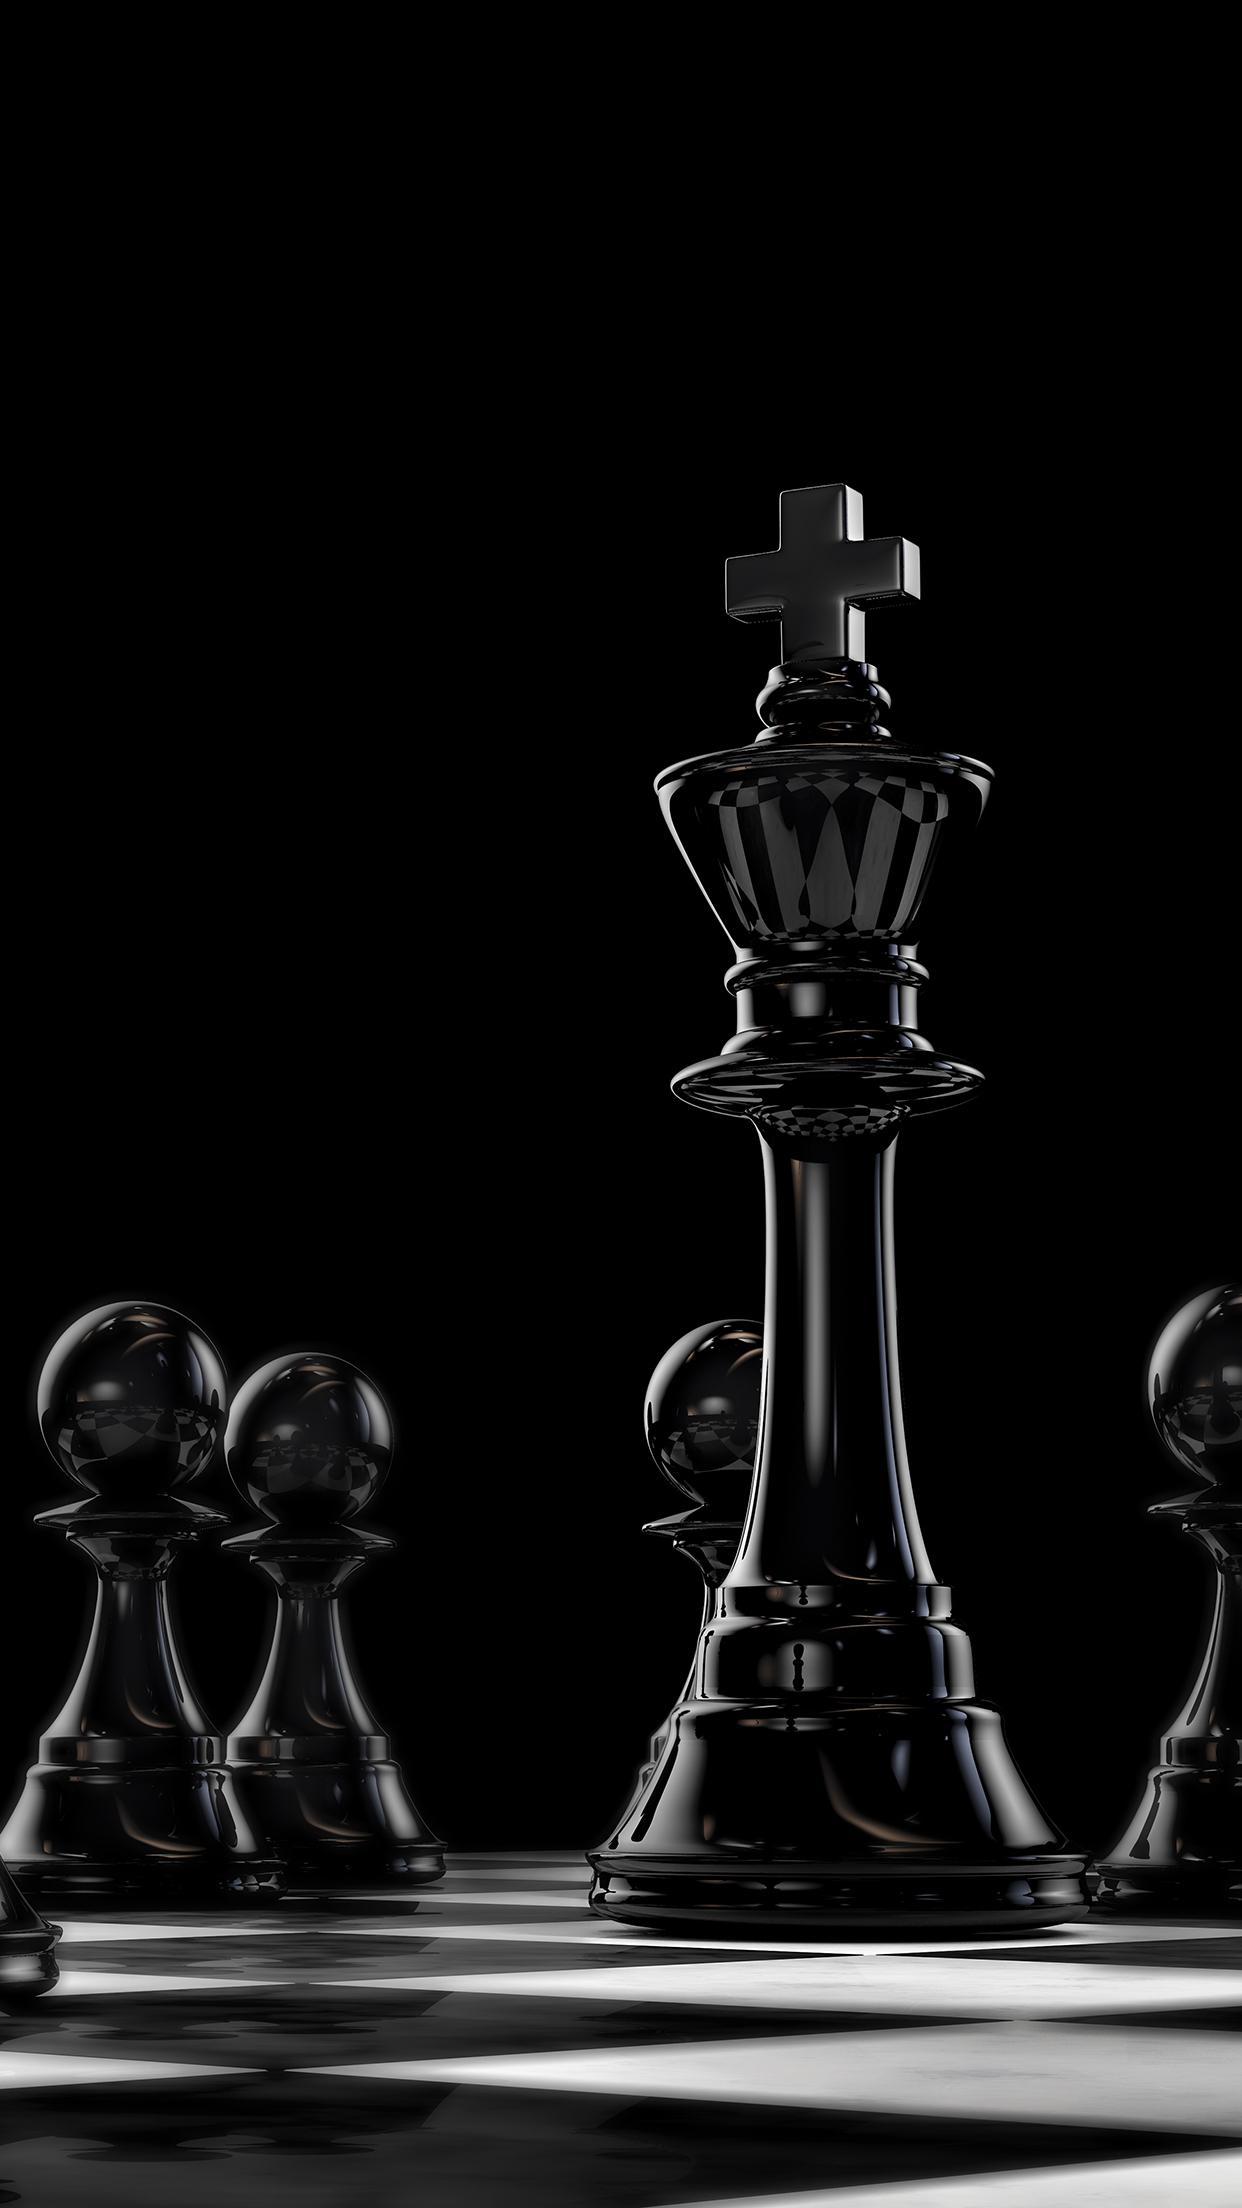 The Black Queen La Reine Noire 壁紙 スマホ壁紙 チェス